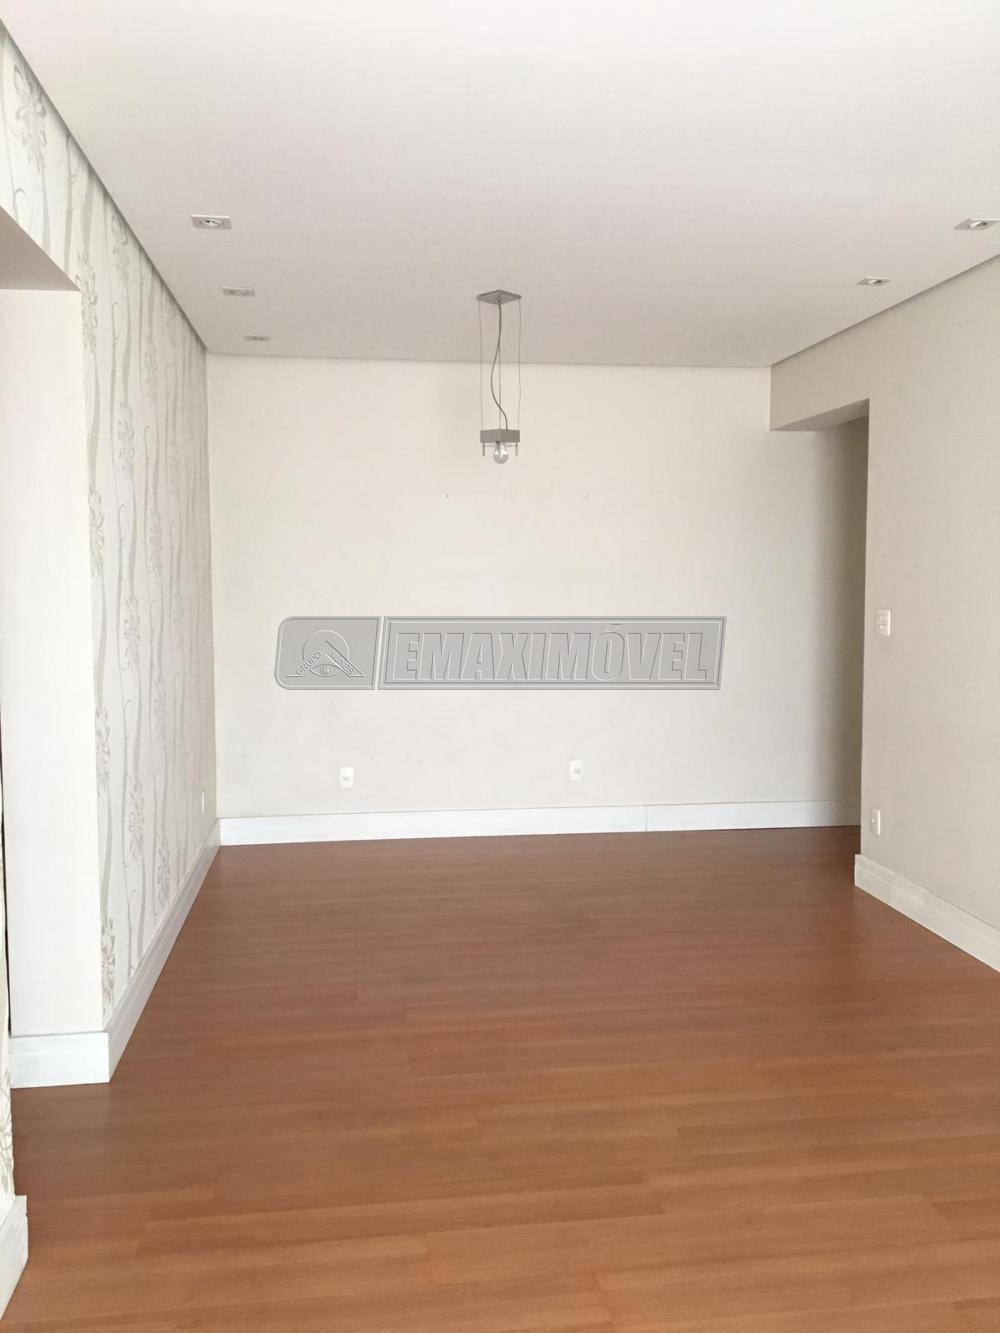 Comprar Apartamentos / Apto Padrão em Sorocaba apenas R$ 300.000,00 - Foto 7